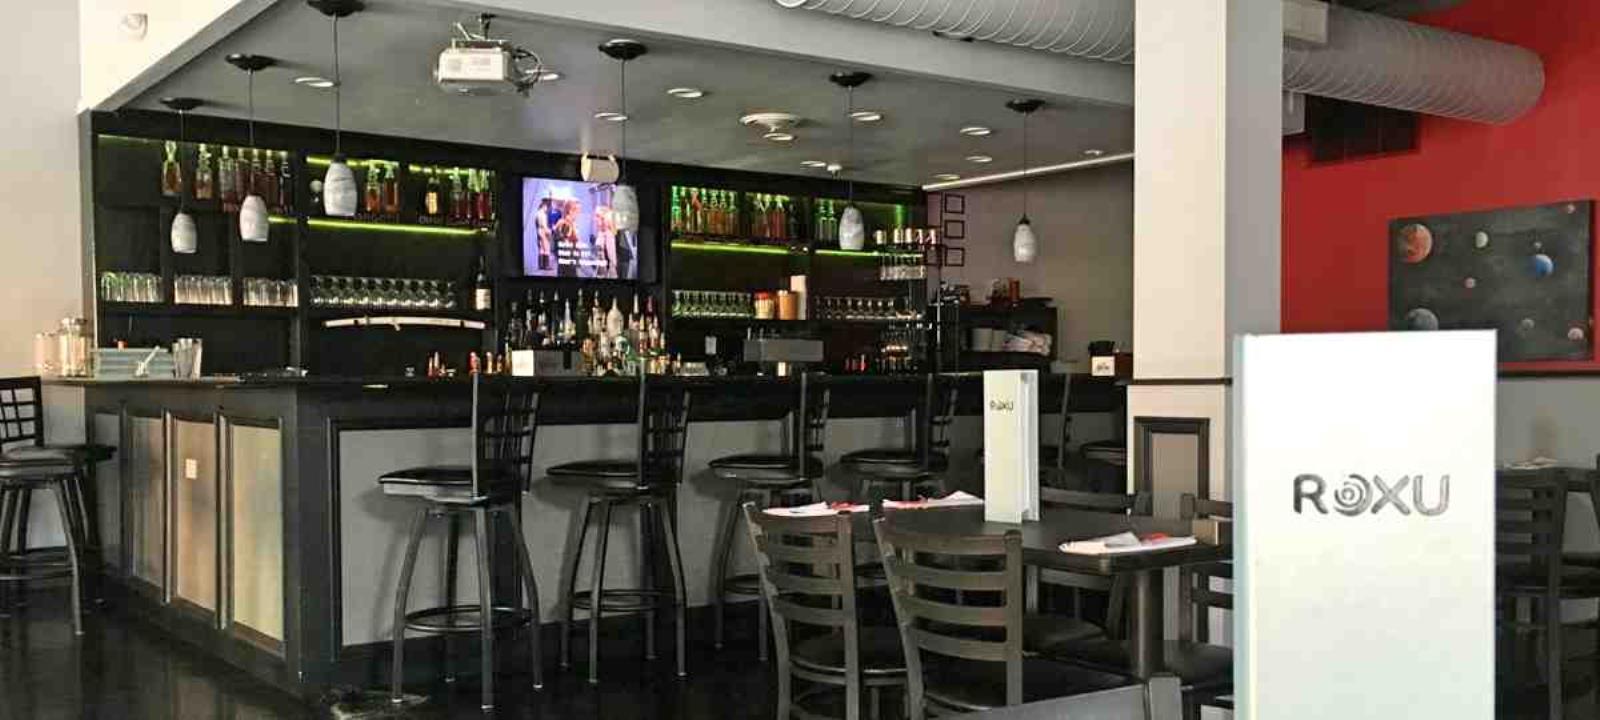 Roxu Fusion Restaurant - Picture